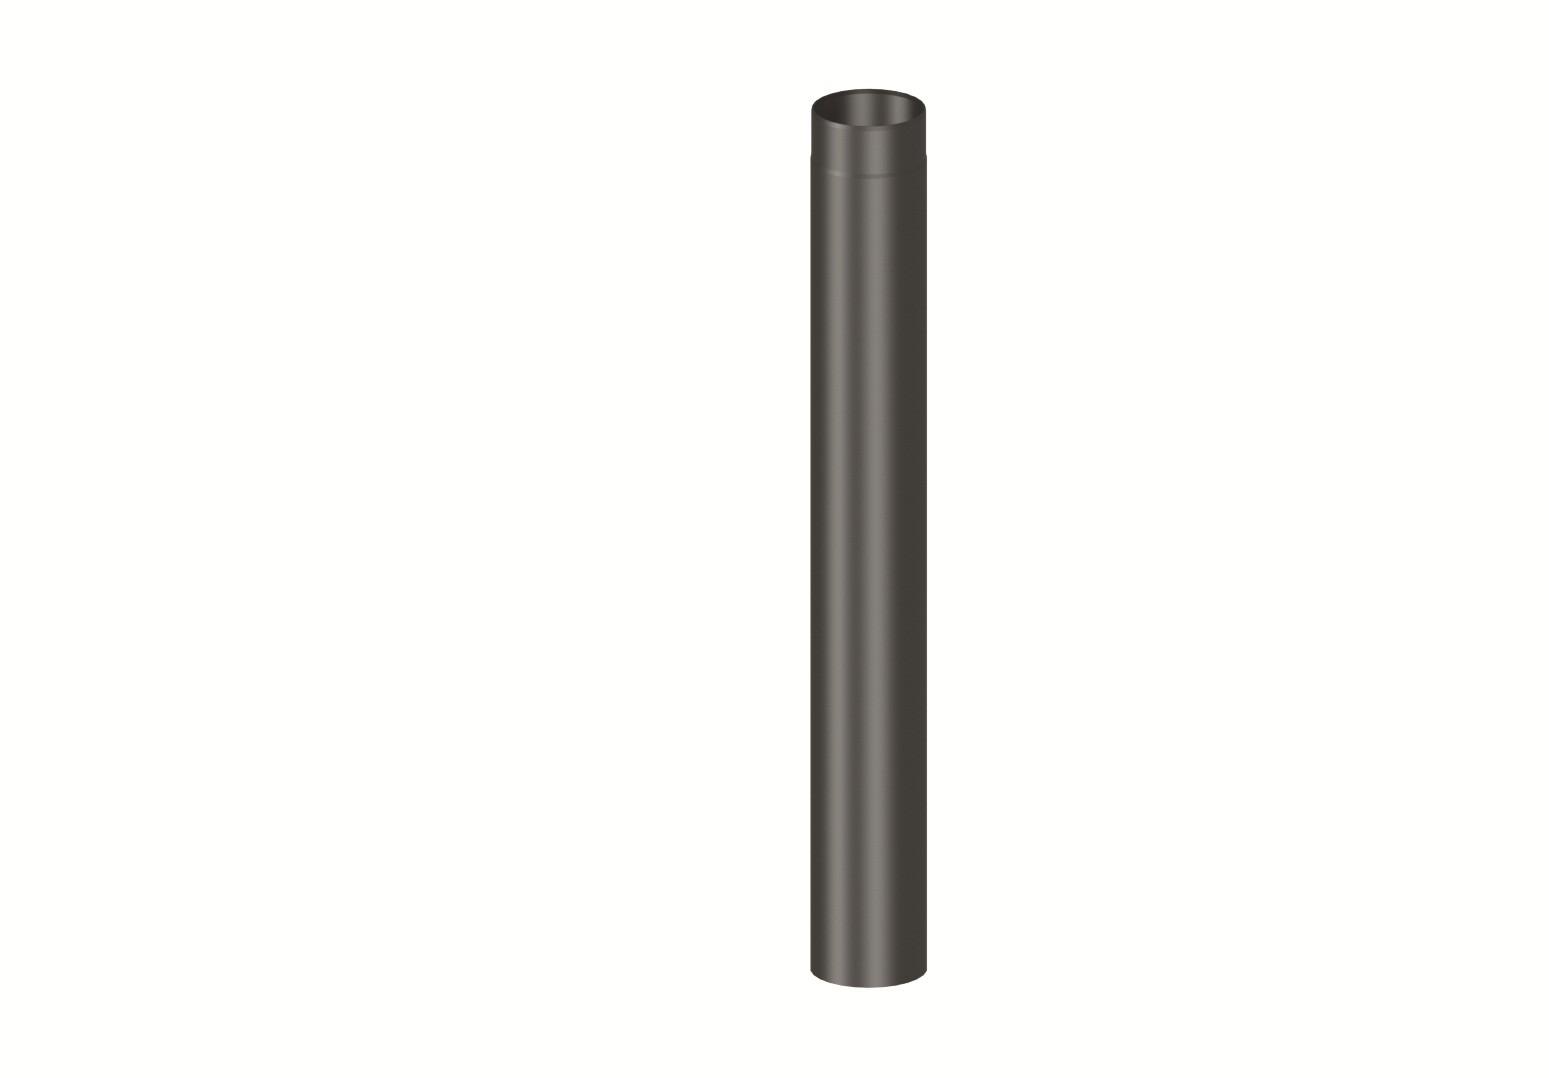 Tubo de aluminio redondo precio affordable tubo de - Tubo de aluminio redondo ...